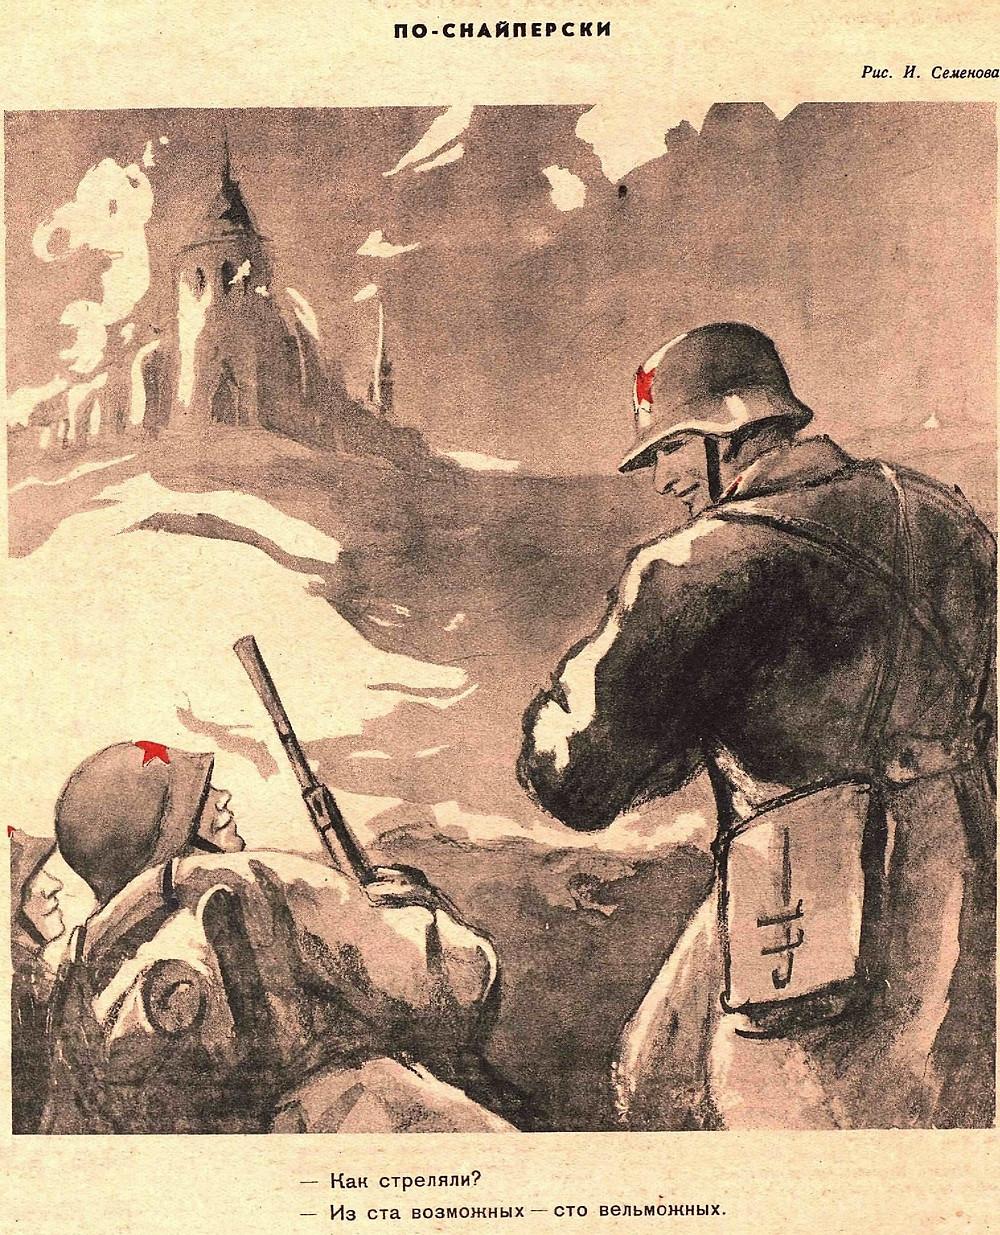 Журнал крокодил 1939г, №27.2. Секретный пакт Молотова, оккупация Польши. Комиксы СССР.